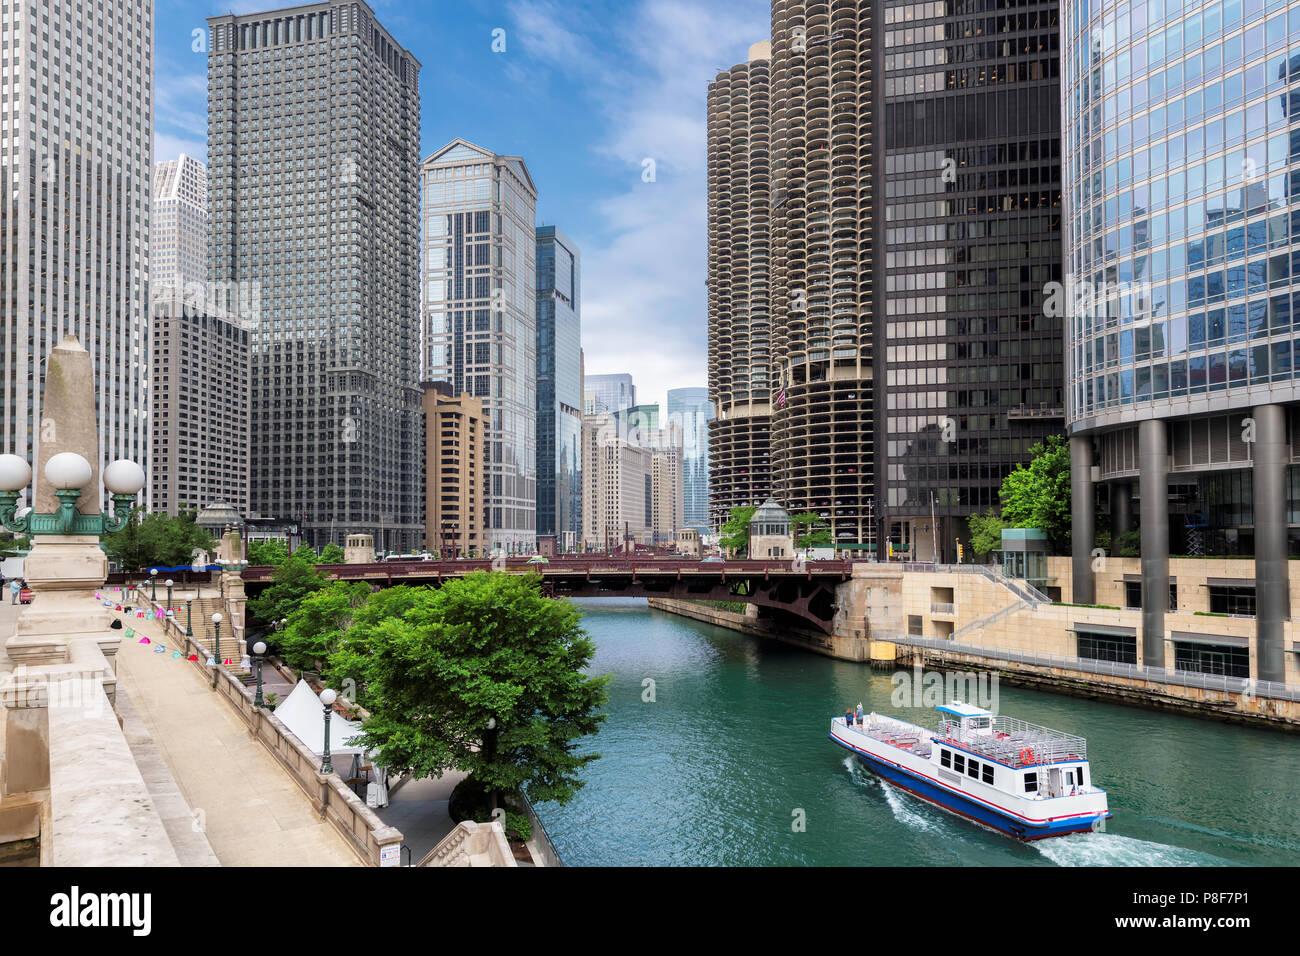 El horizonte de la ciudad de Chicago Imagen De Stock